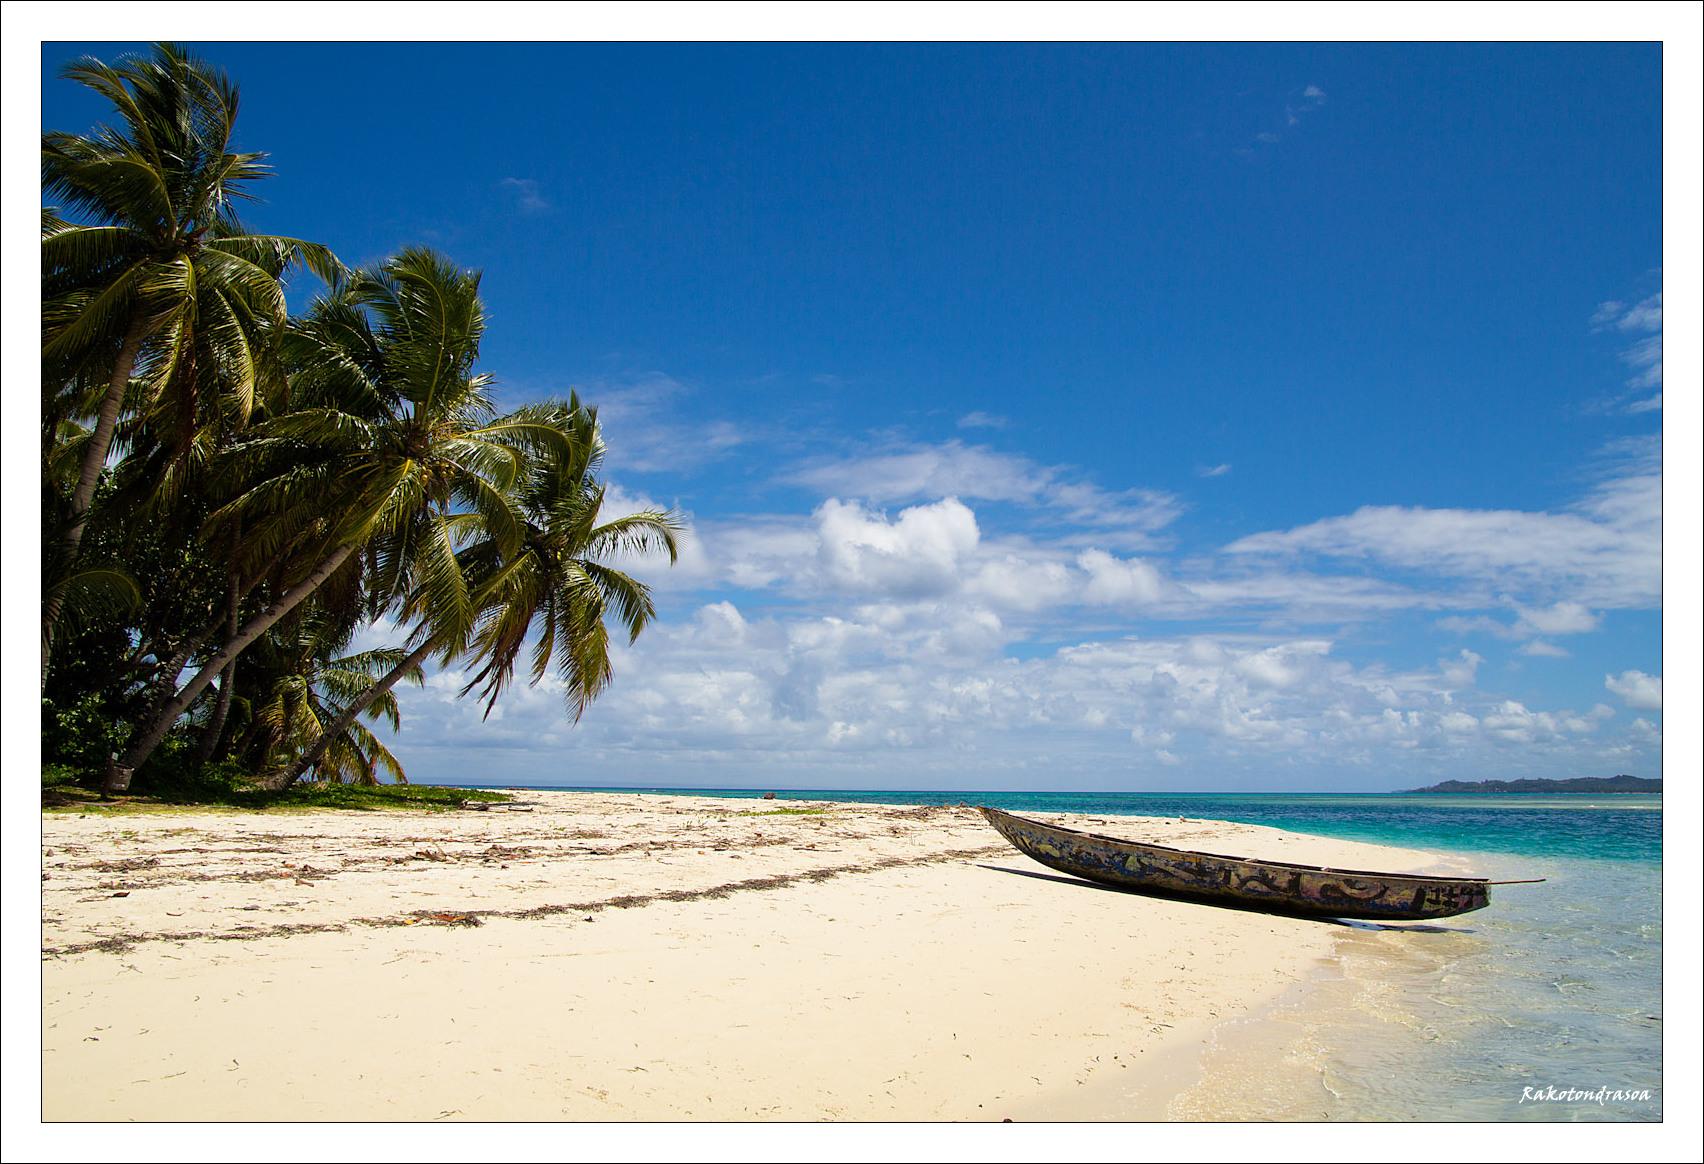 La plage de l'île aux Nattes